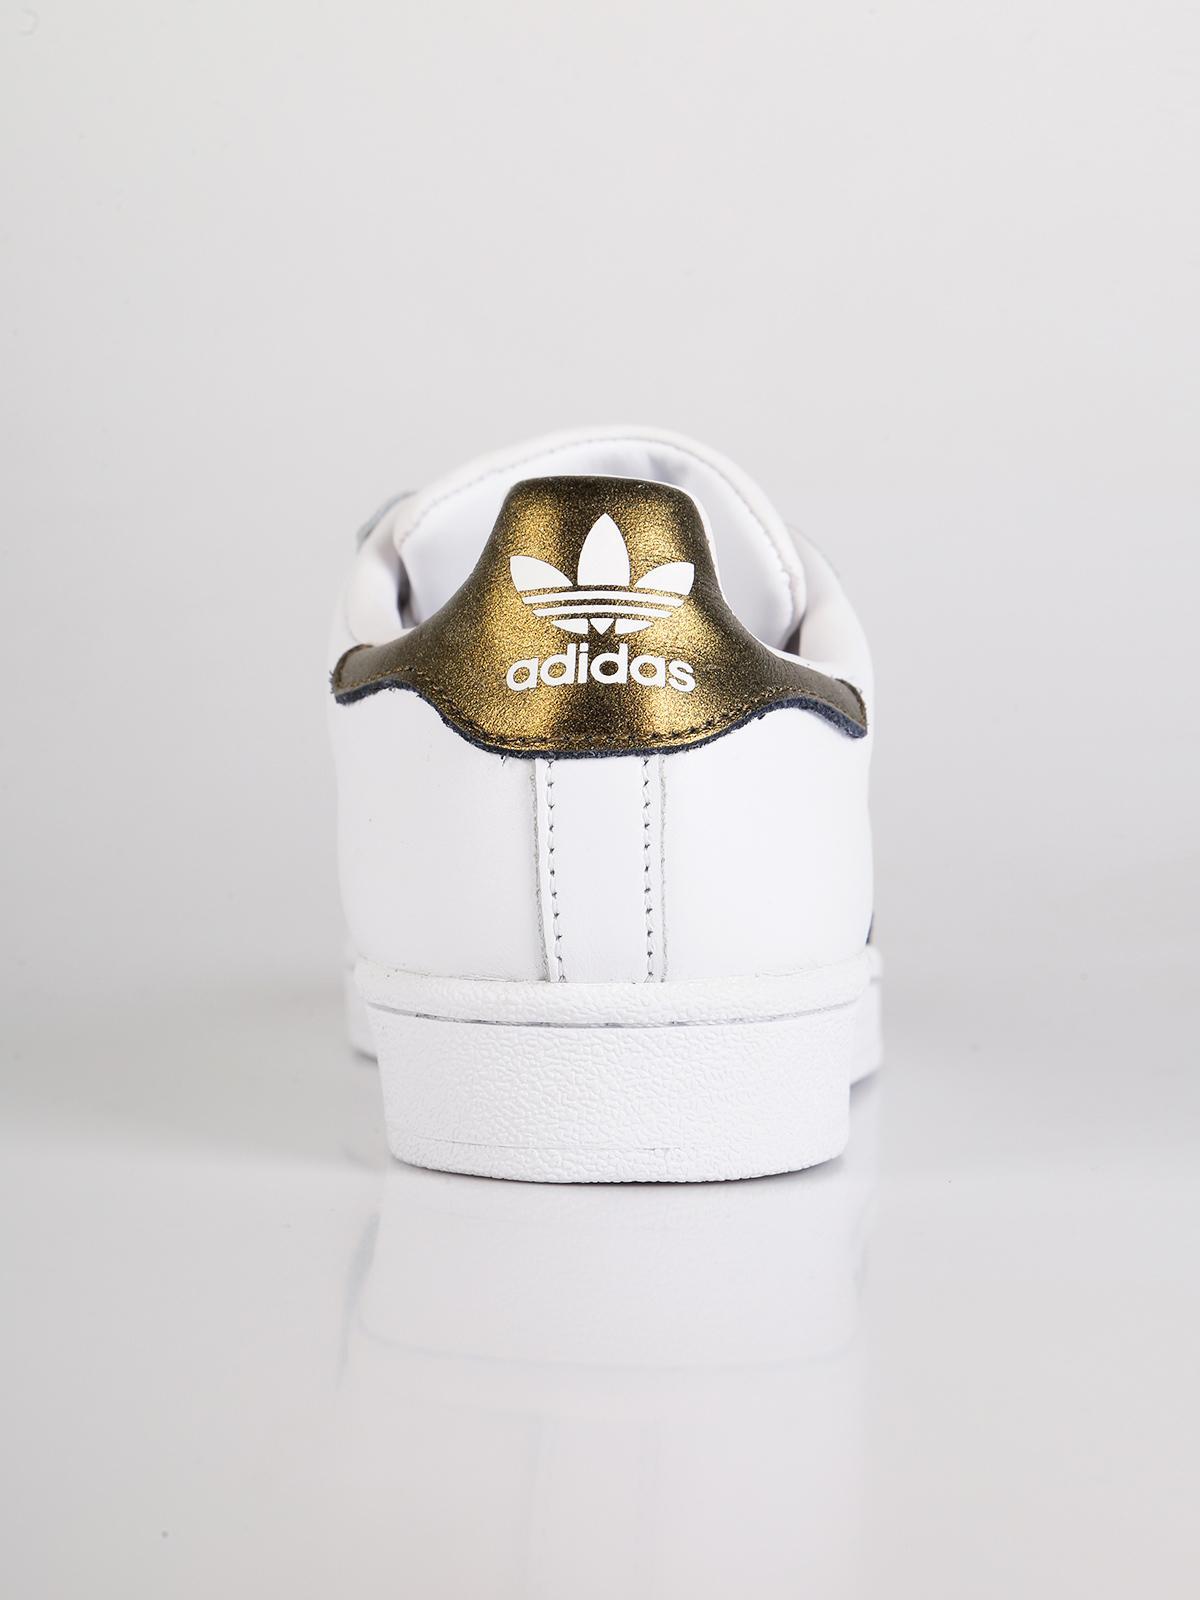 adidas bianche e oro